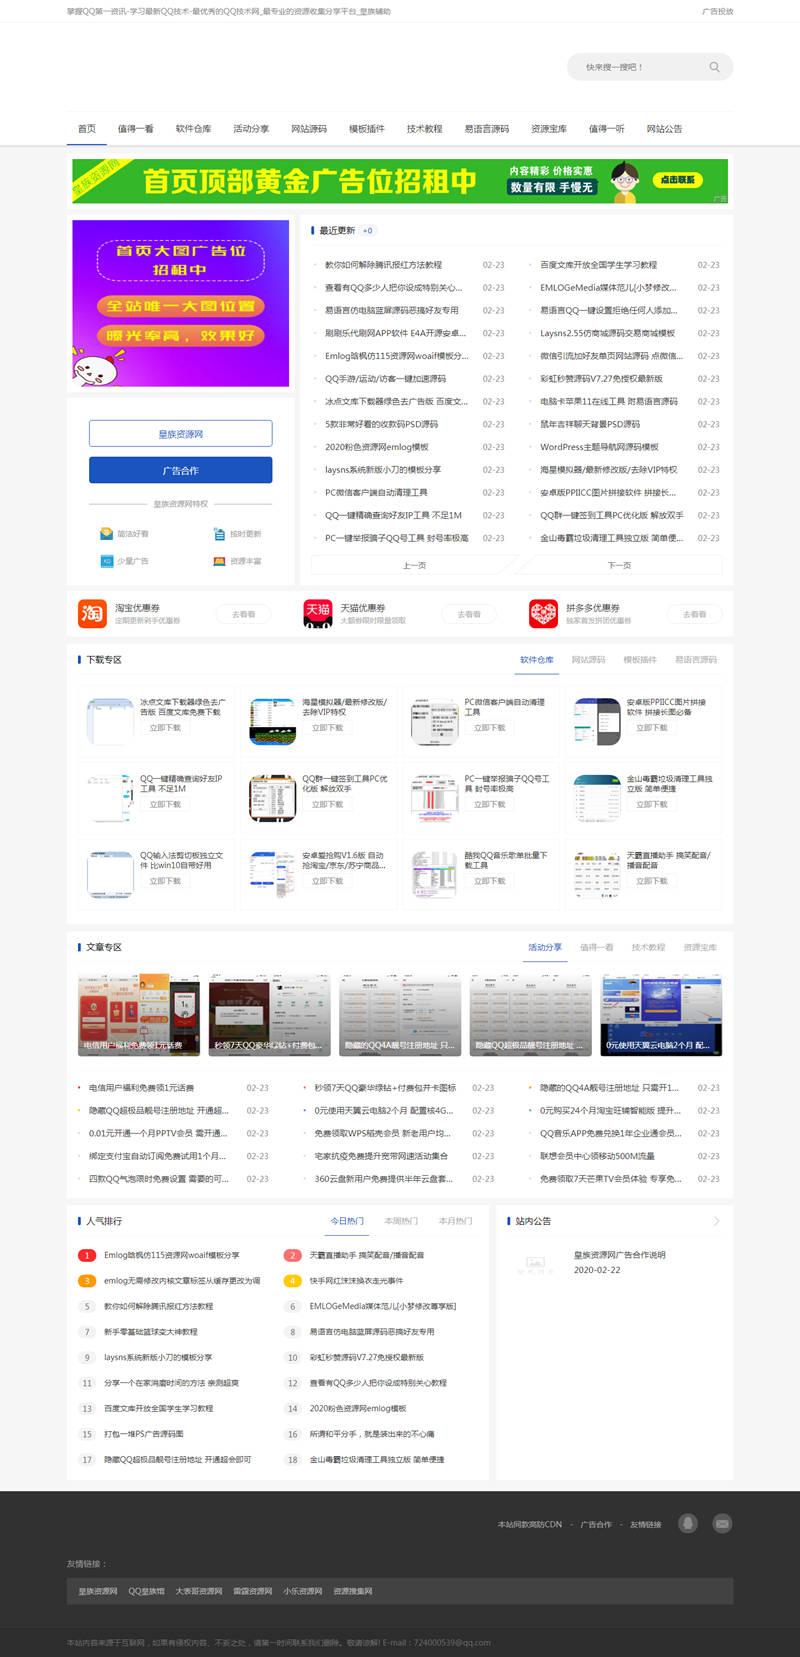 emlog晗枫精仿刀网HFdao模板v1.0修复版发布-律白资源博客